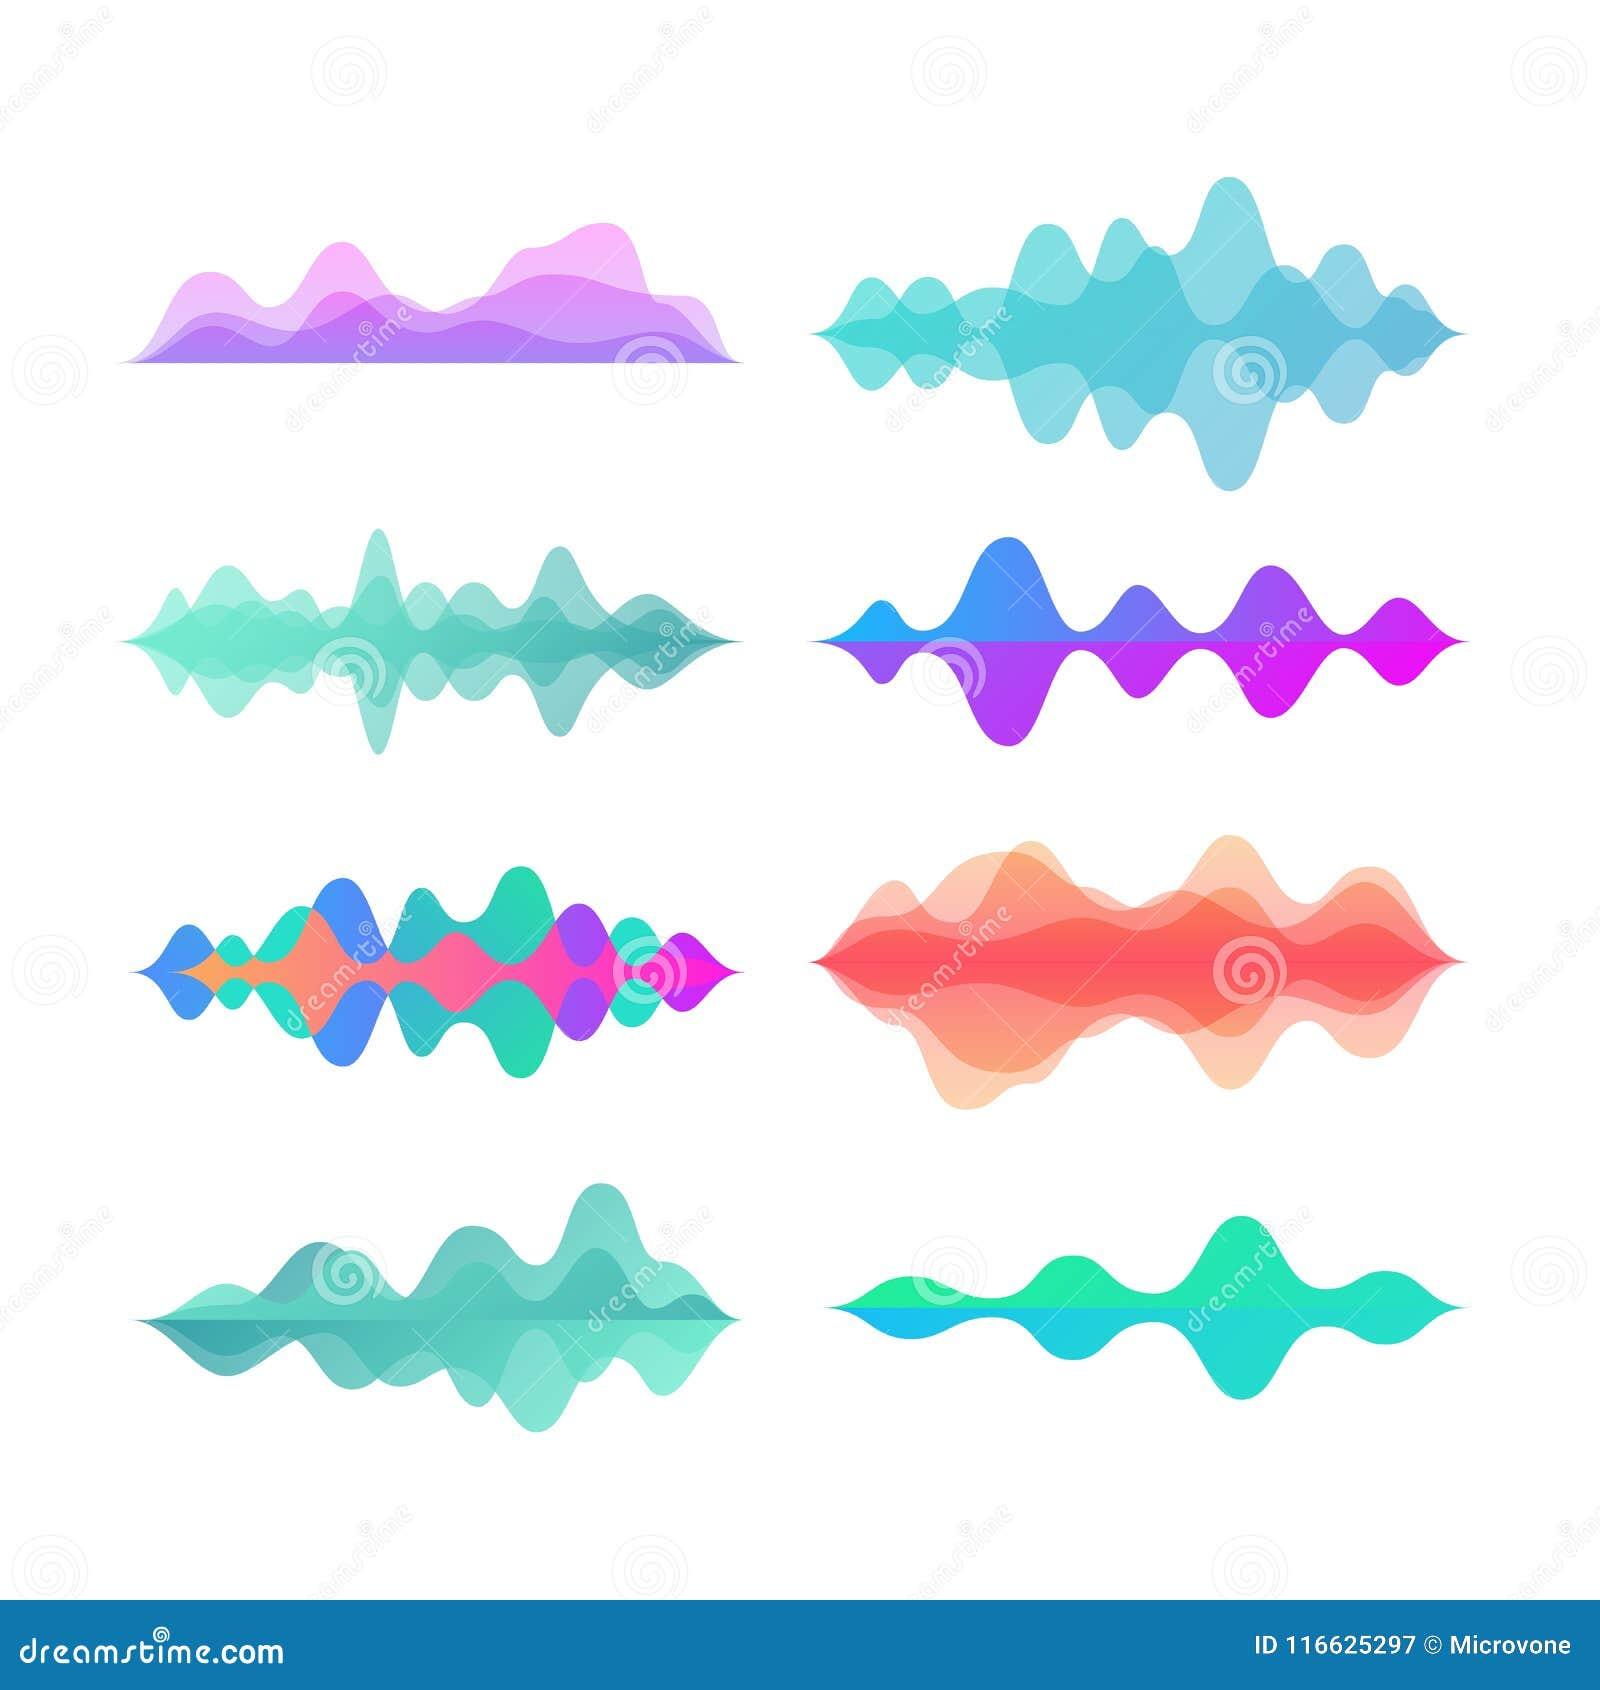 Κύματα κινήσεων χρώματος εύρους Αφηρημένο ηλεκτρονικό διανυσματικό σύνολο κυμάτων φωνής μουσικής υγιές